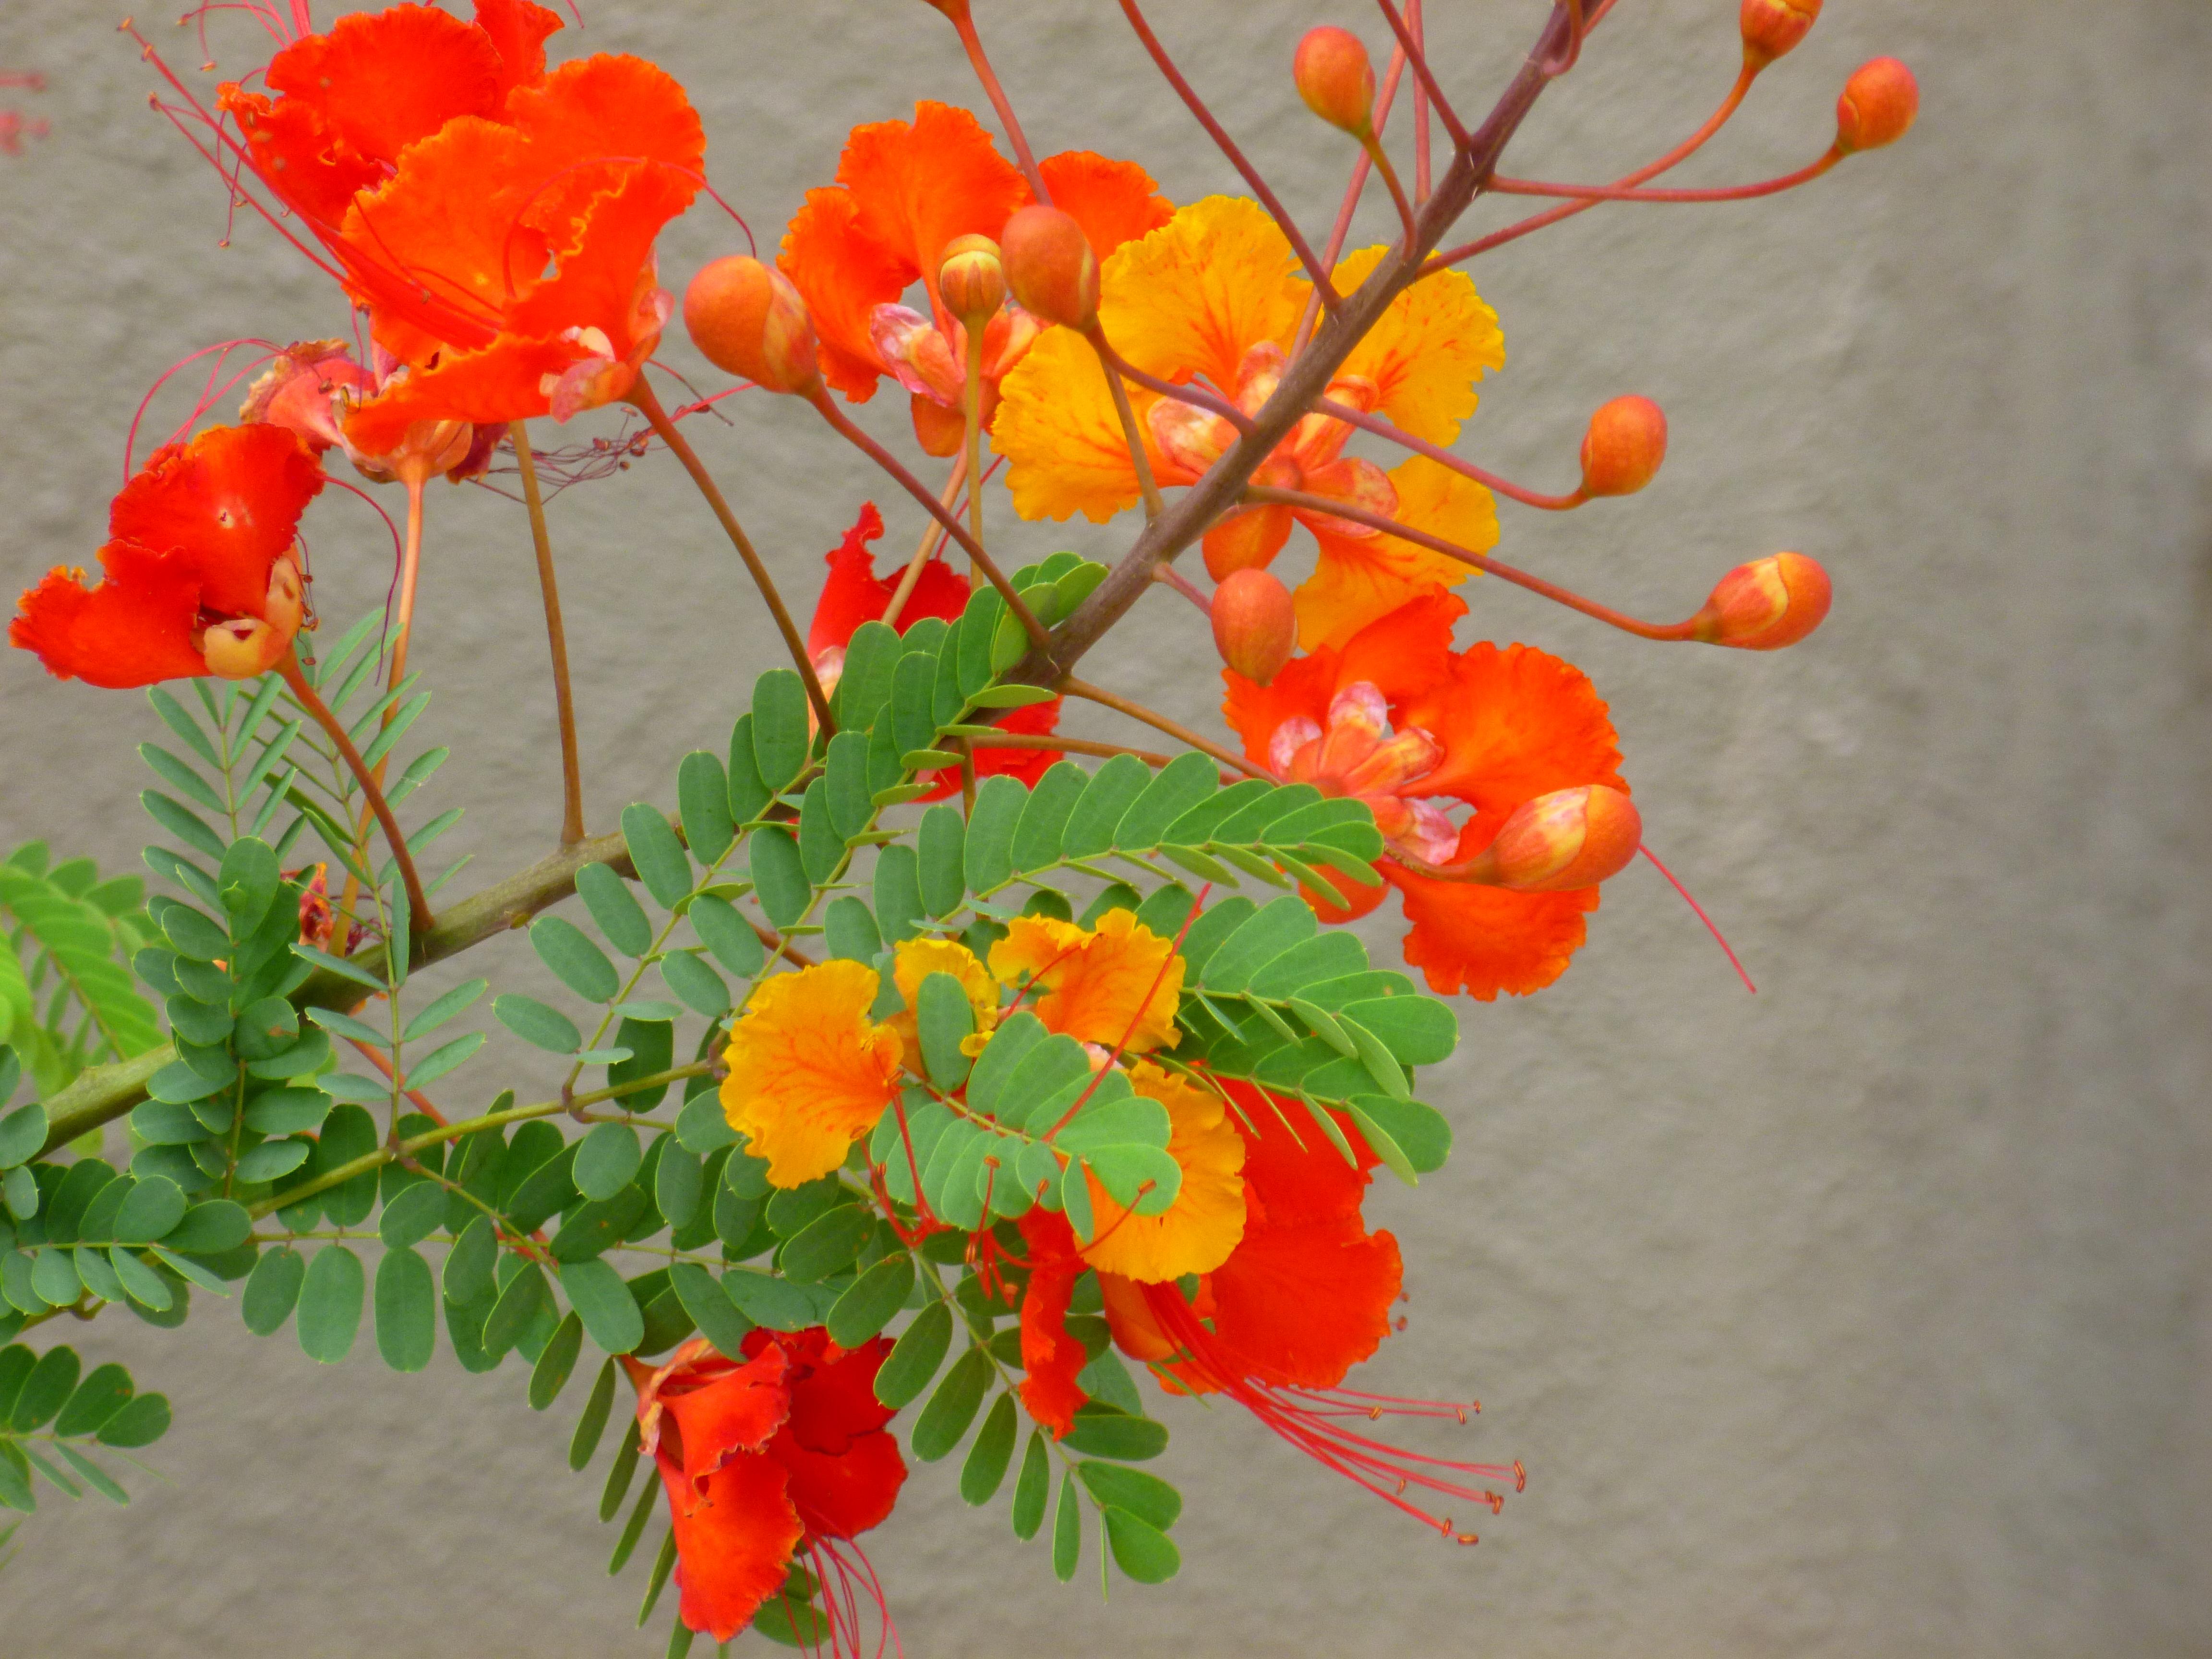 Arizona Bushes With Red Orange Flowers